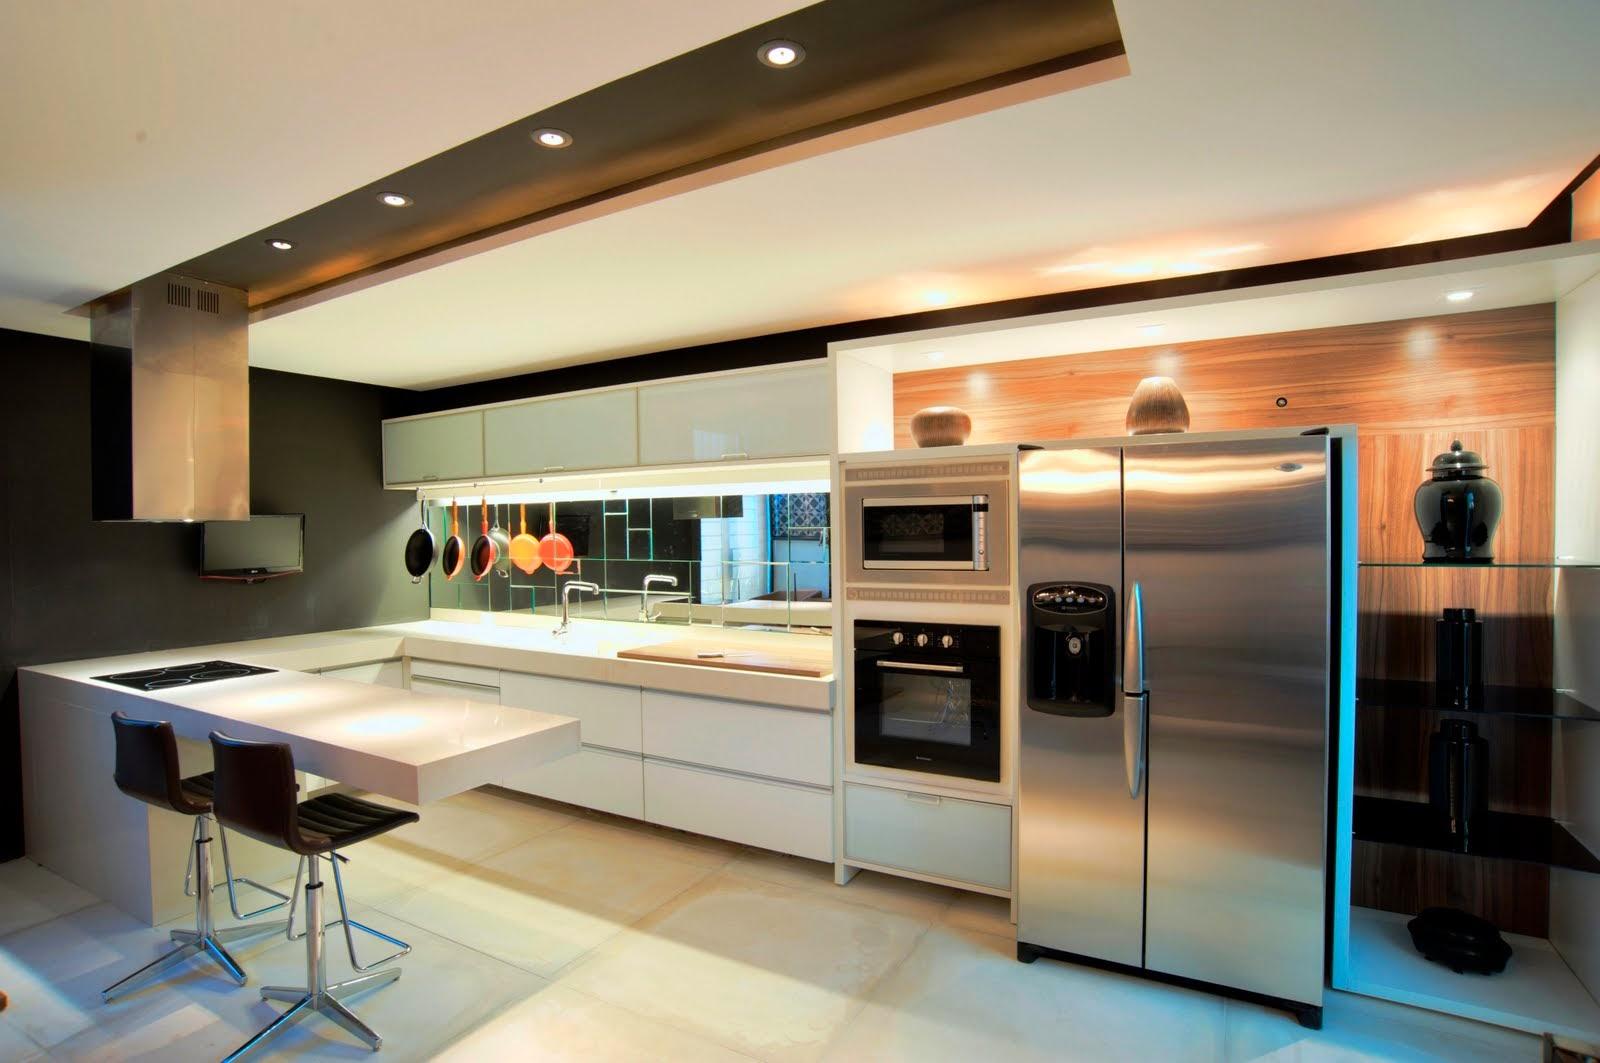 Cozinha Vintage Moderna Rea Moderna Da Cozinha Unida Sala De